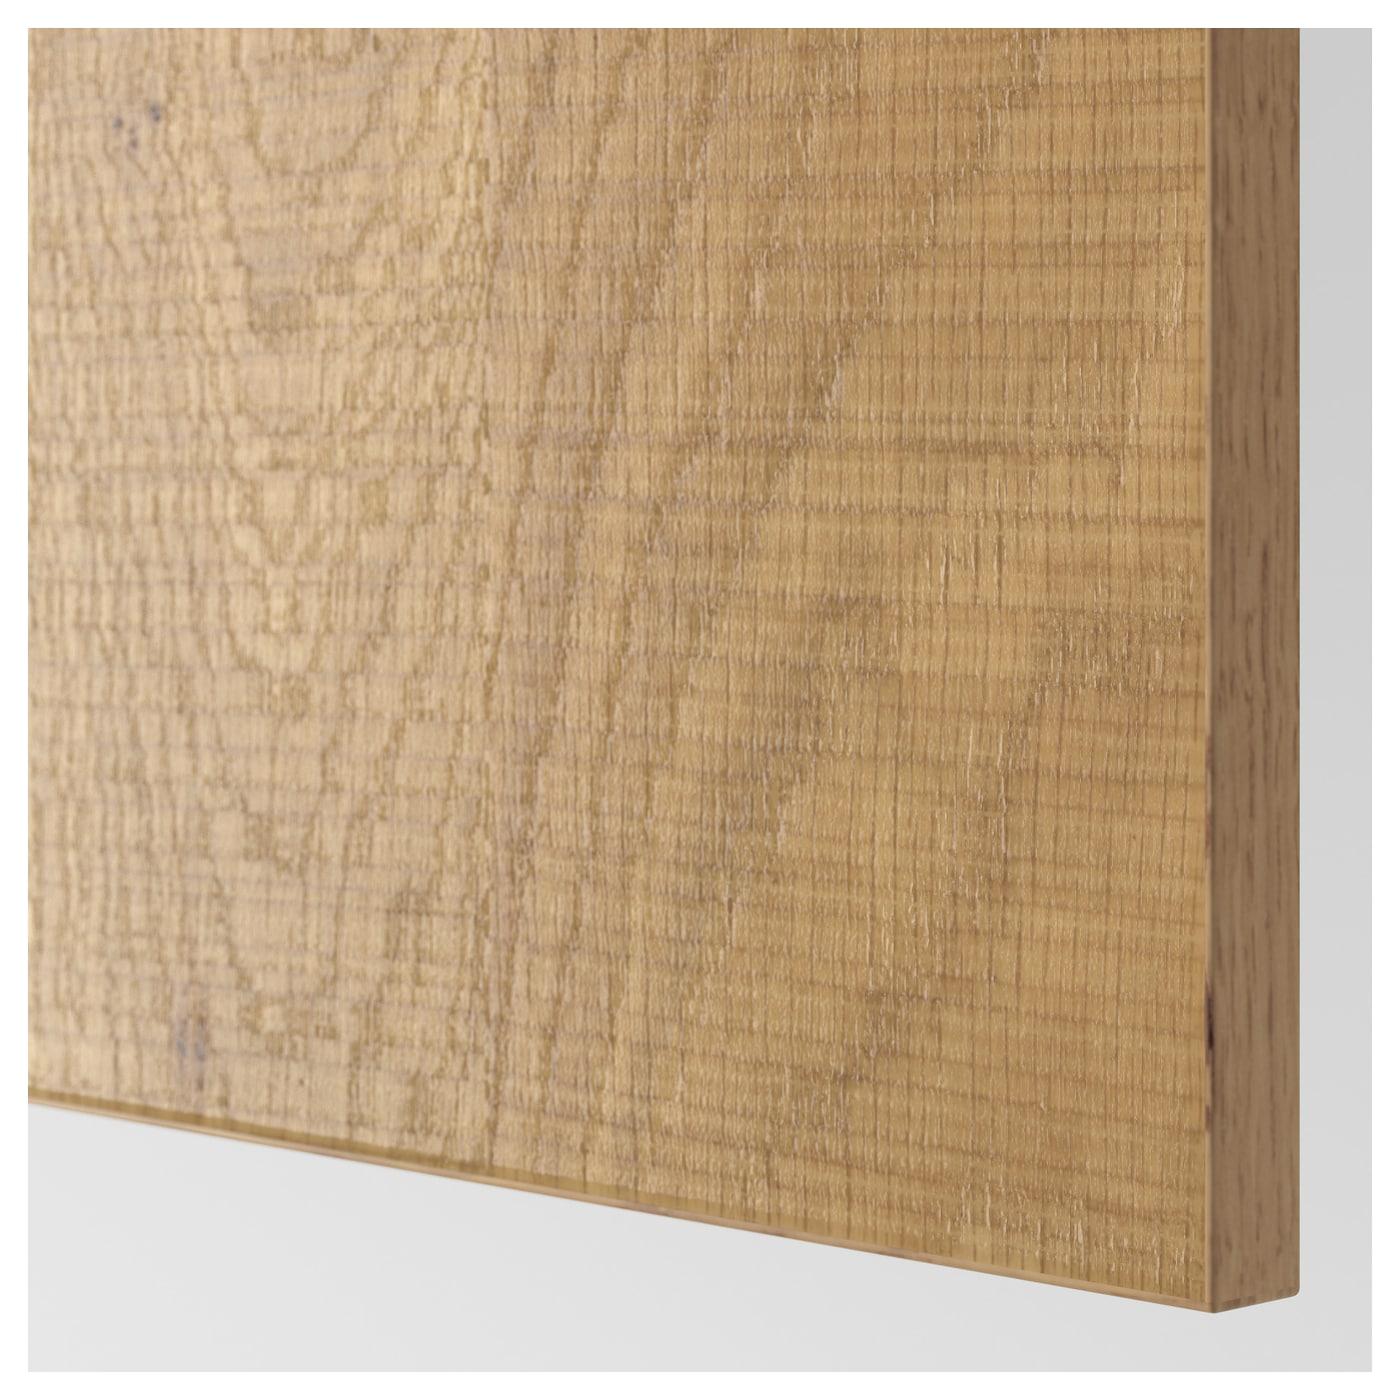 hyttan panneau lat ral de finition plaqu ch ne 62x240 cm ikea. Black Bedroom Furniture Sets. Home Design Ideas